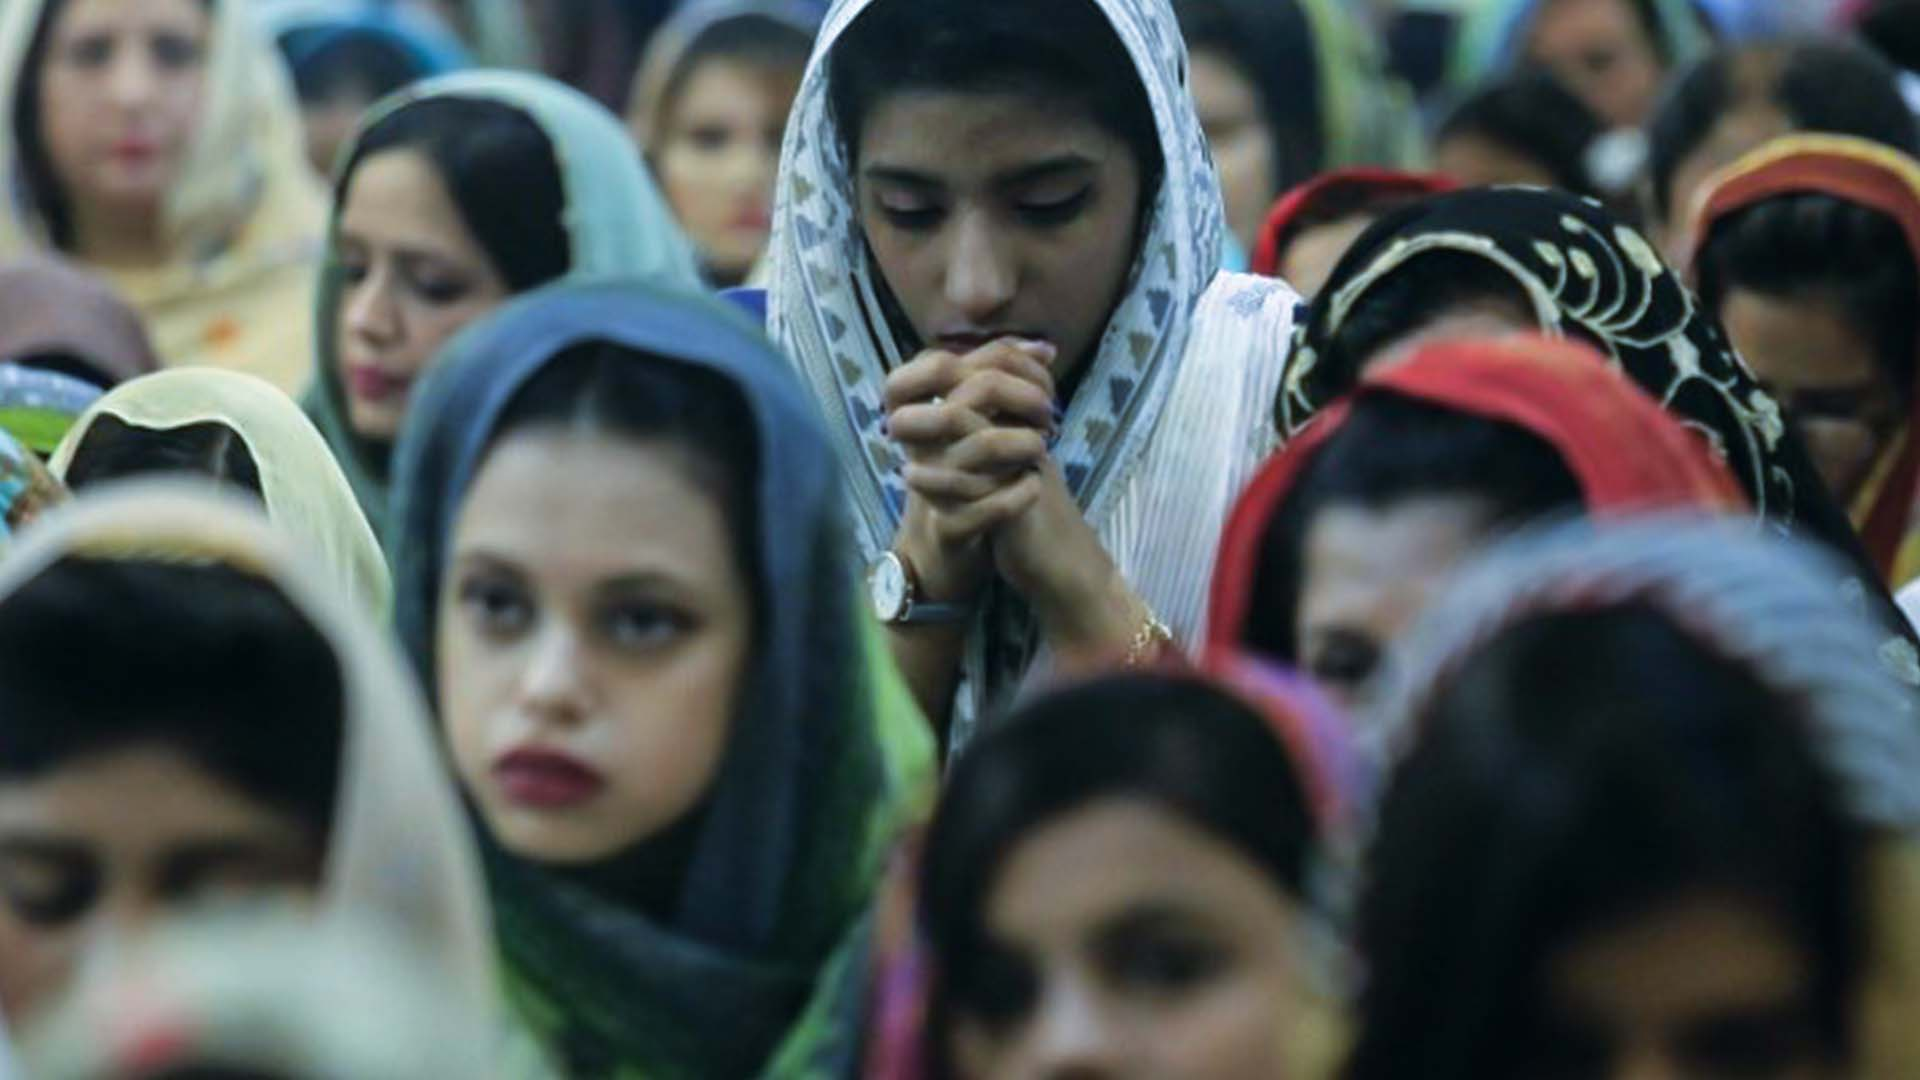 Le donne cristiane sono più dedite alla preghiera e quindi obiettivo privilegiato delle persecuzioni